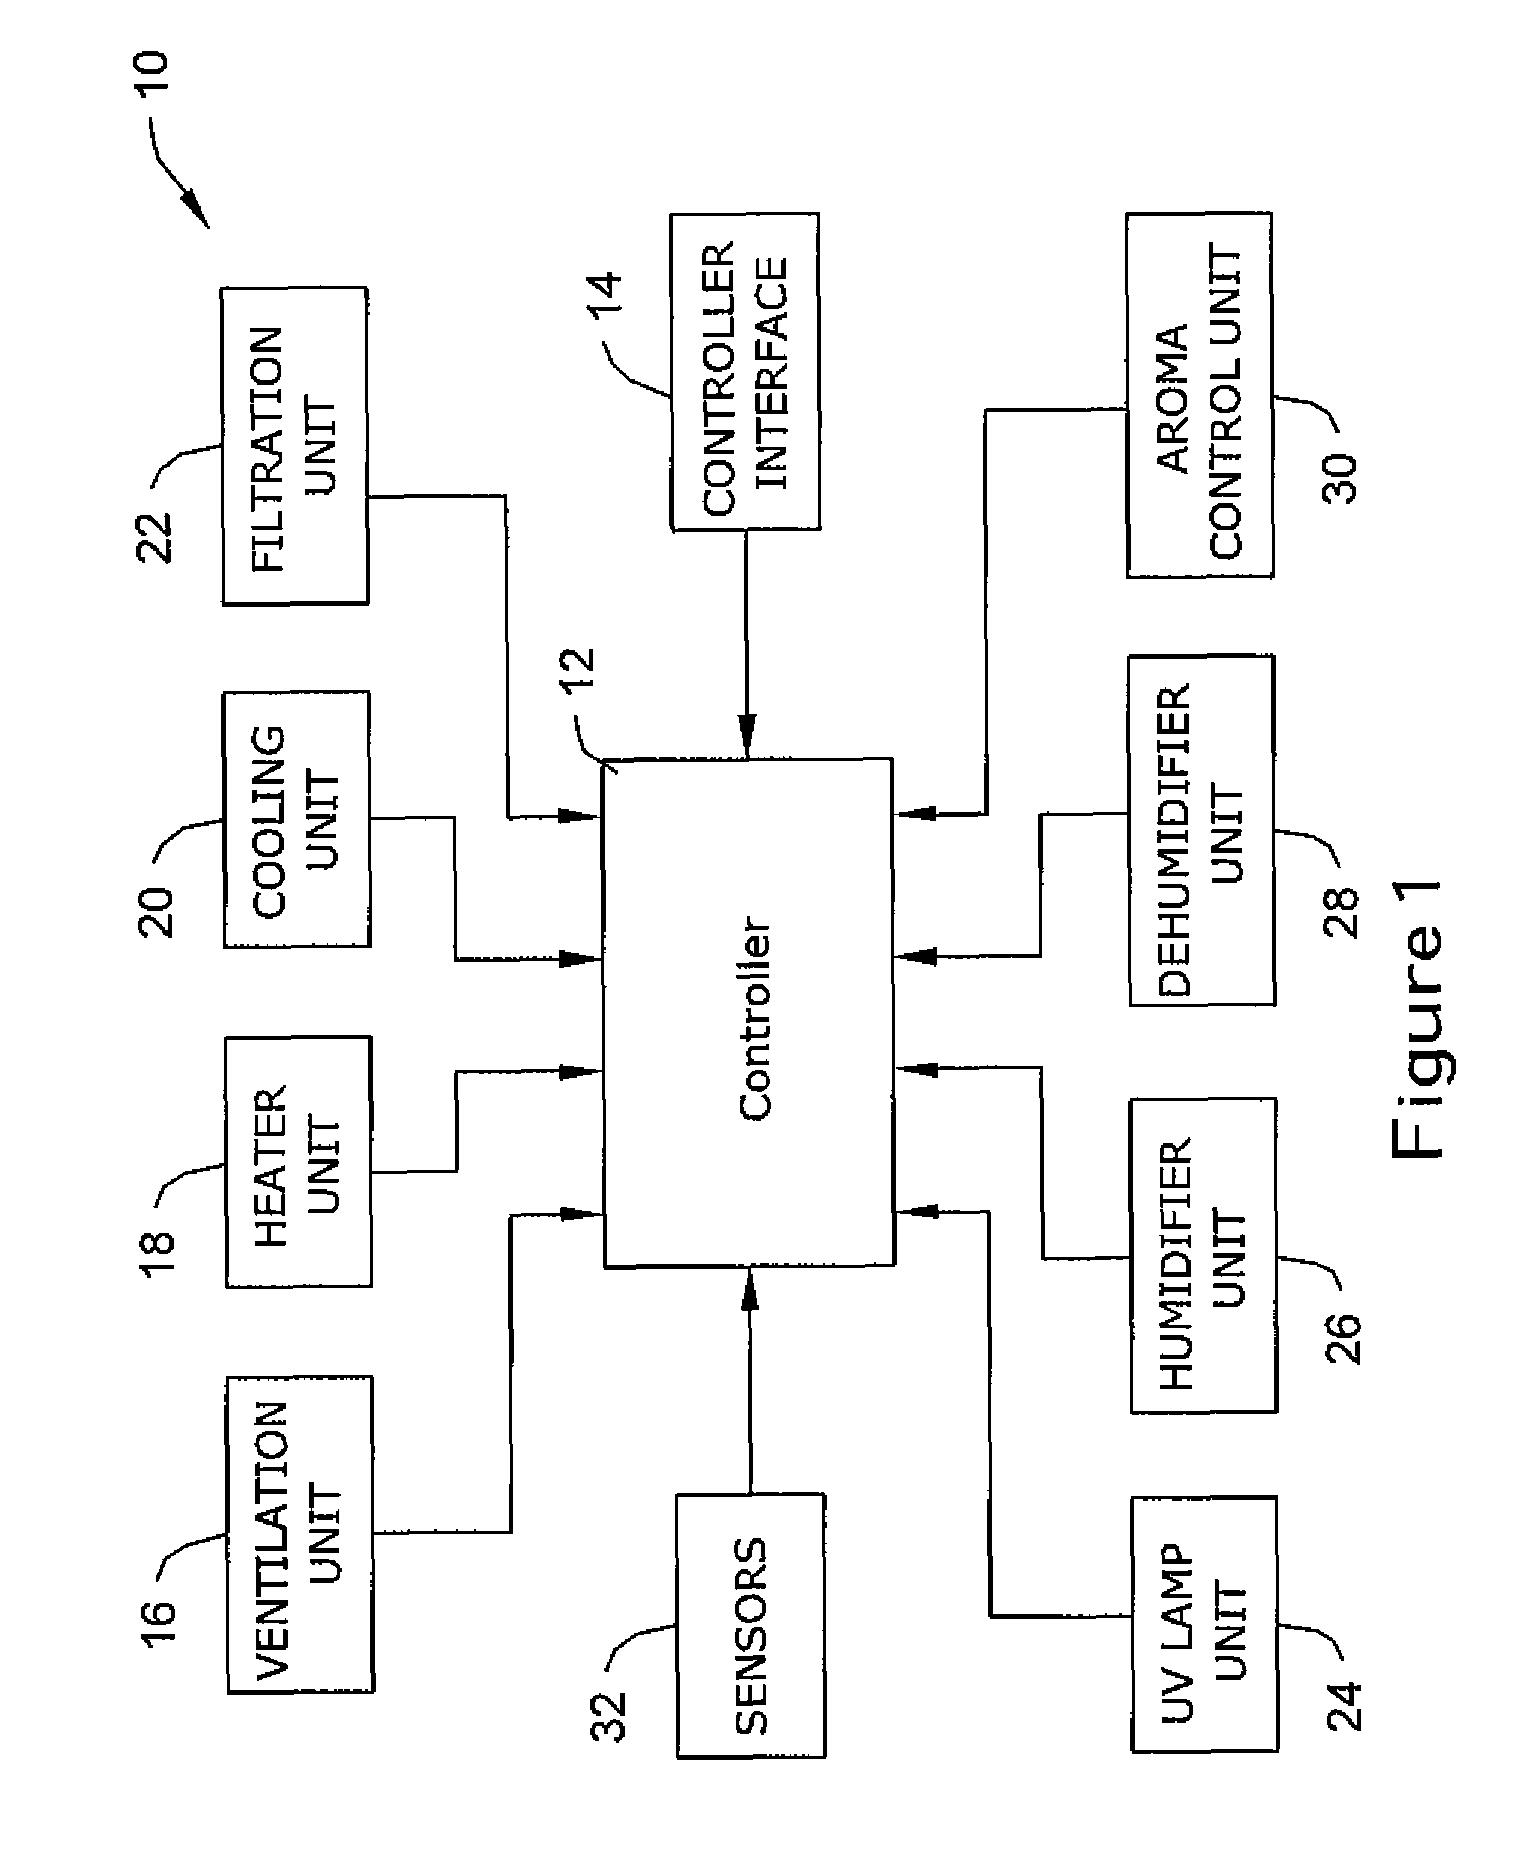 patent us7979163